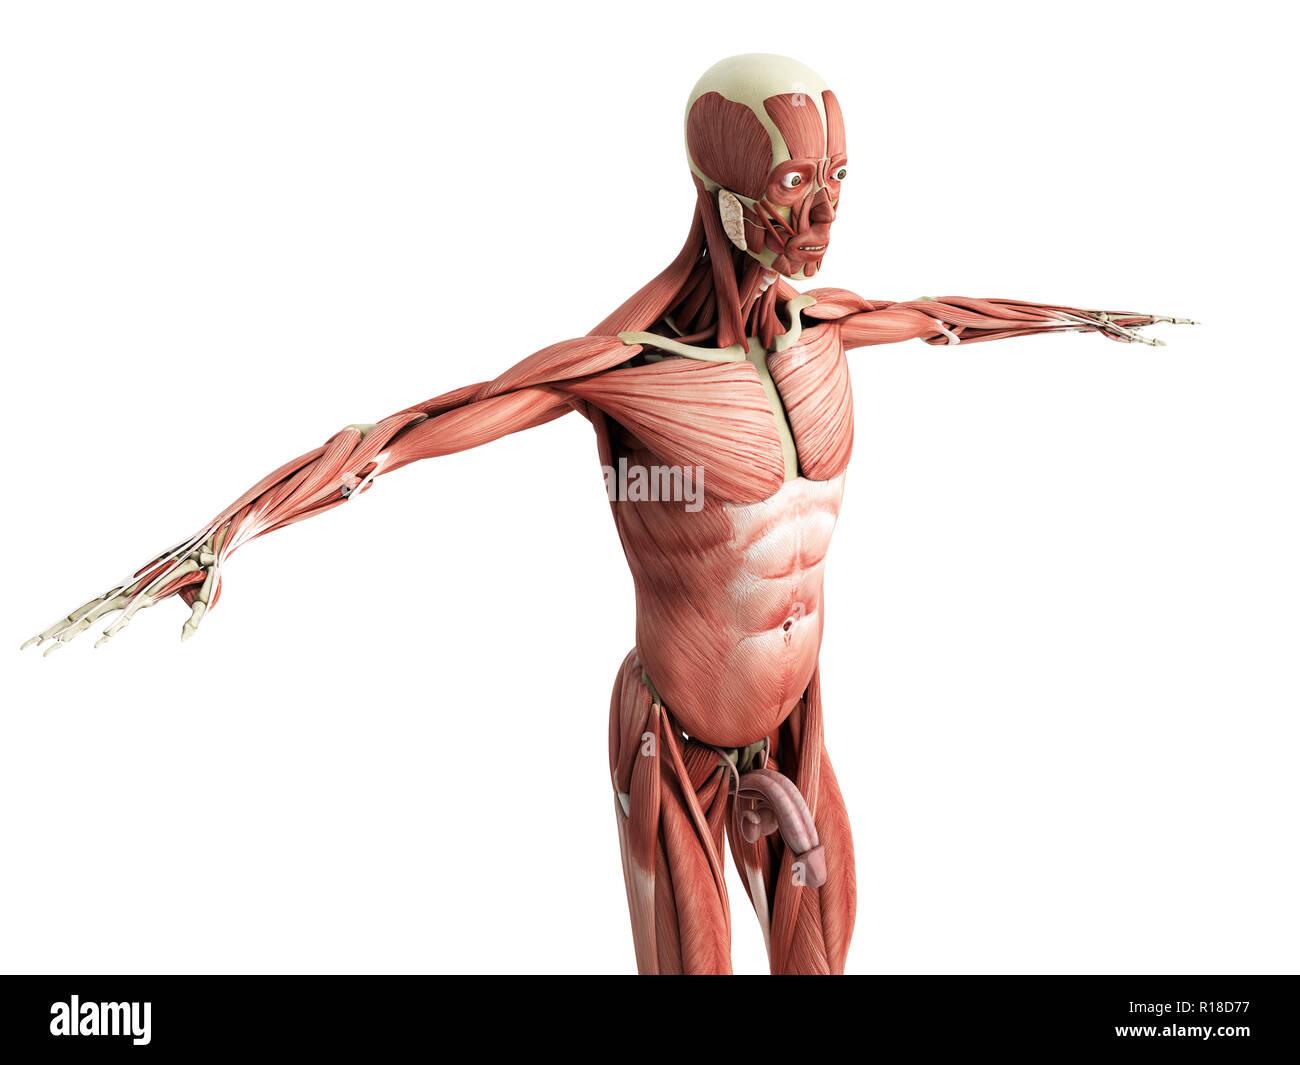 Anatomie du muscle humain 3D render sur blanc Photo Stock